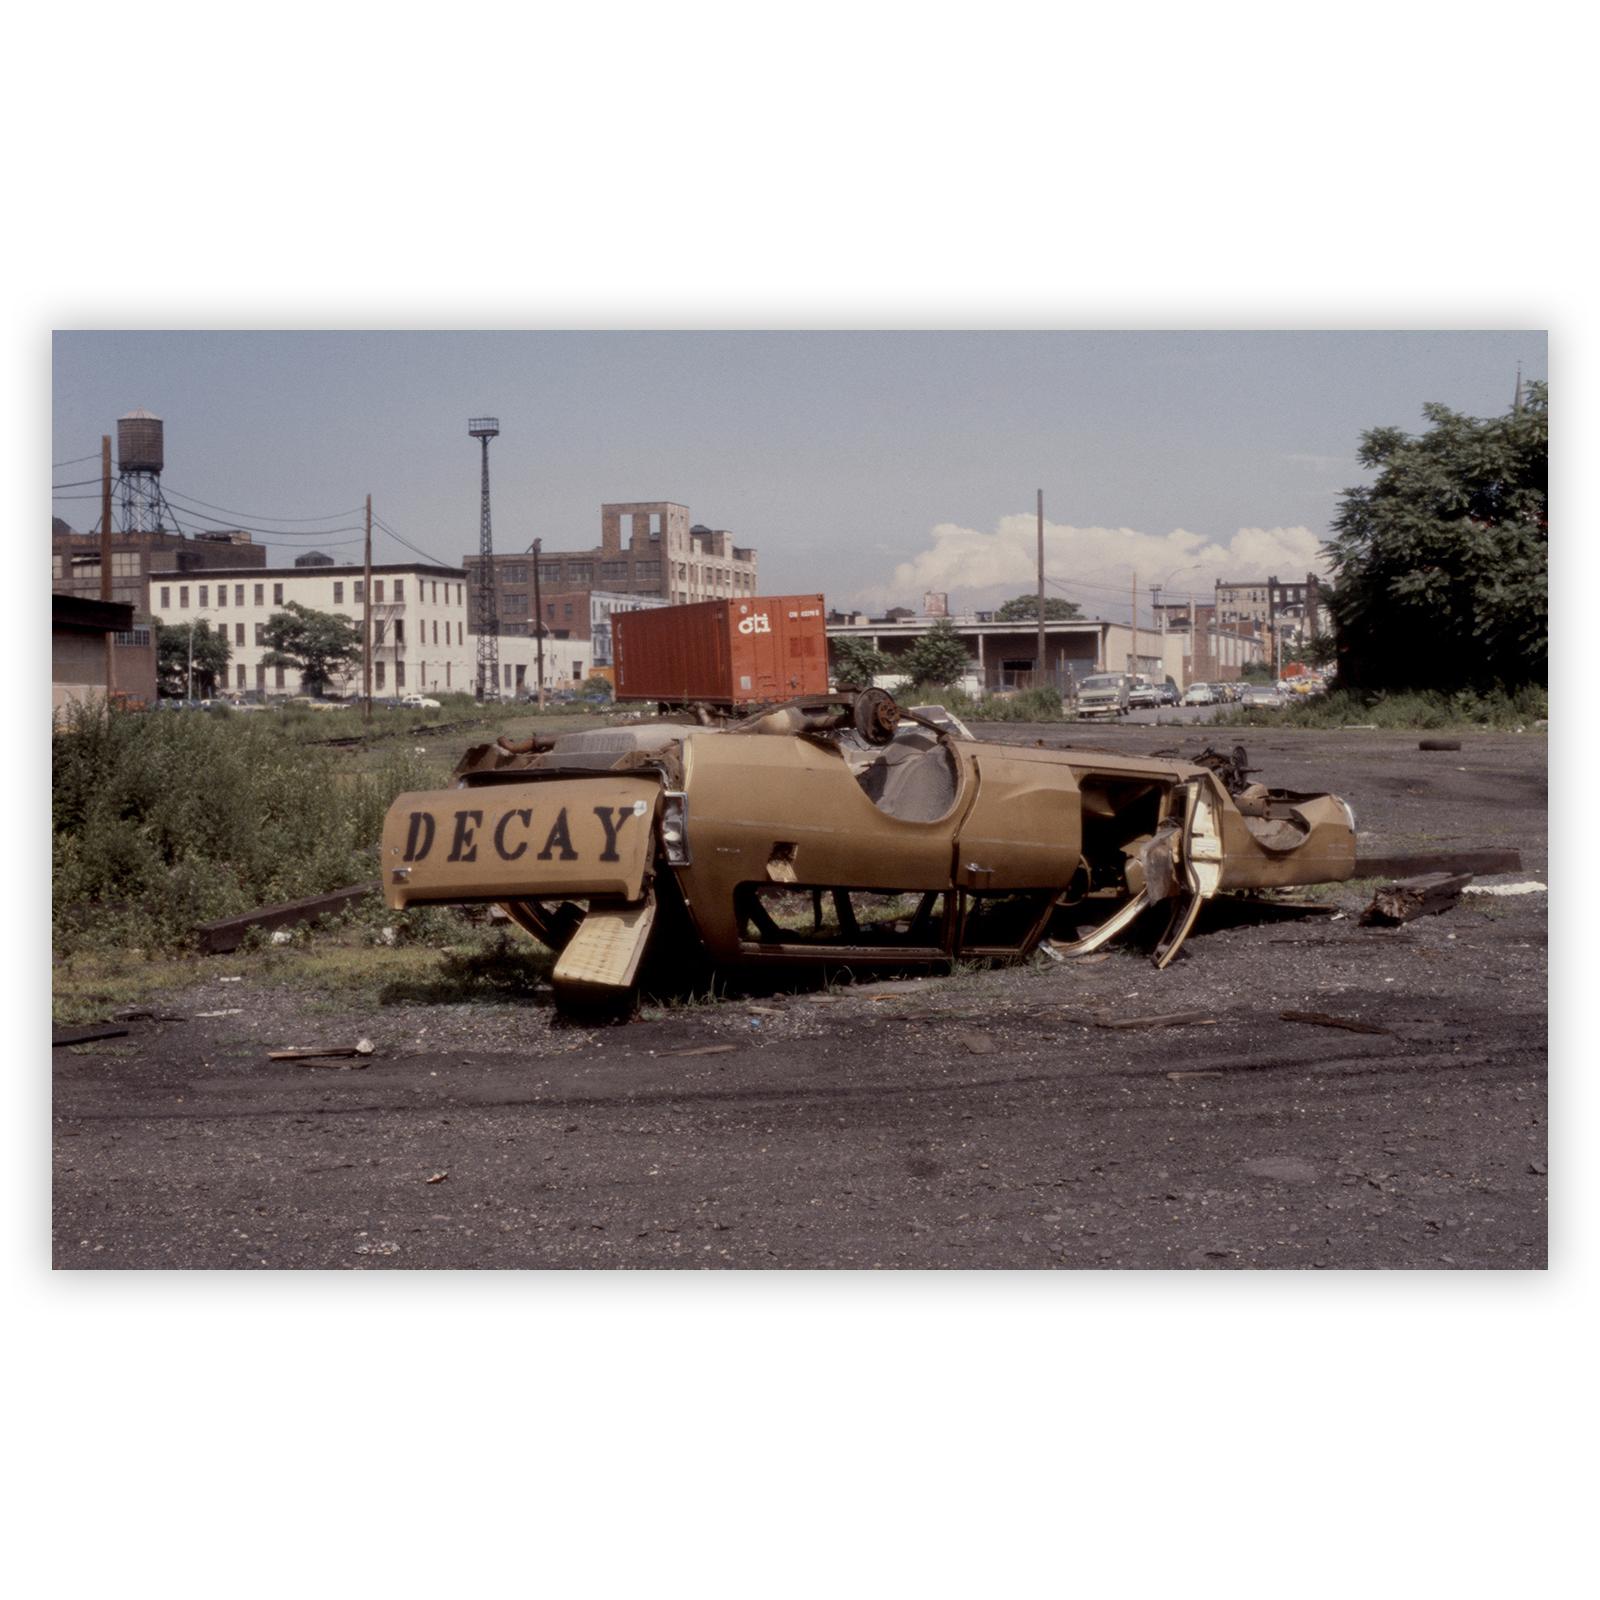 Decay - Long Island City NY